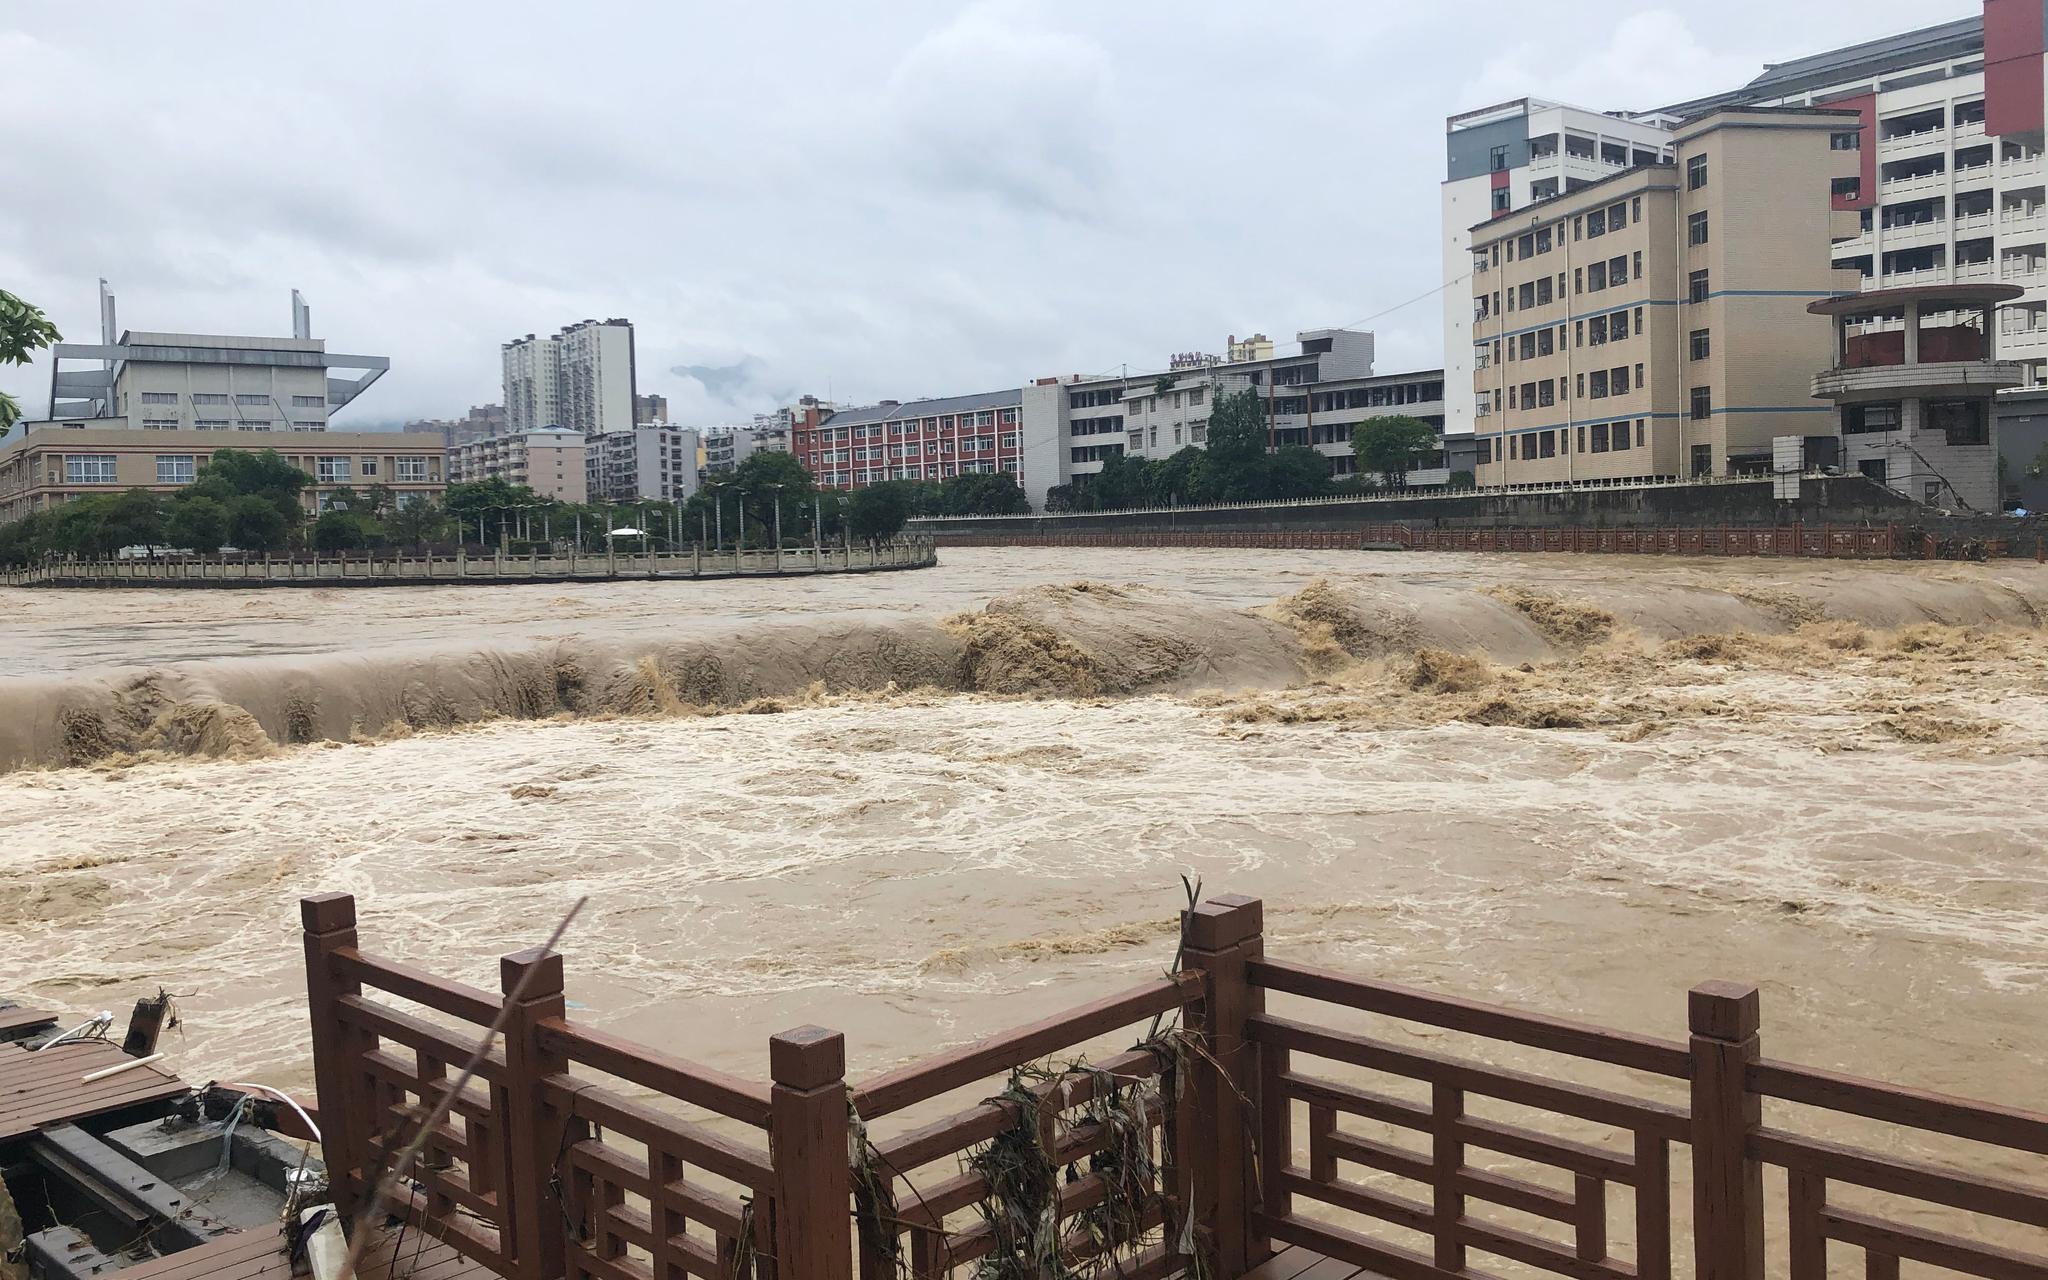 7月26日下昼5点阁下,广润河水位降落,河中心船儿岛暴露水面。新京报记者 向凯 摄